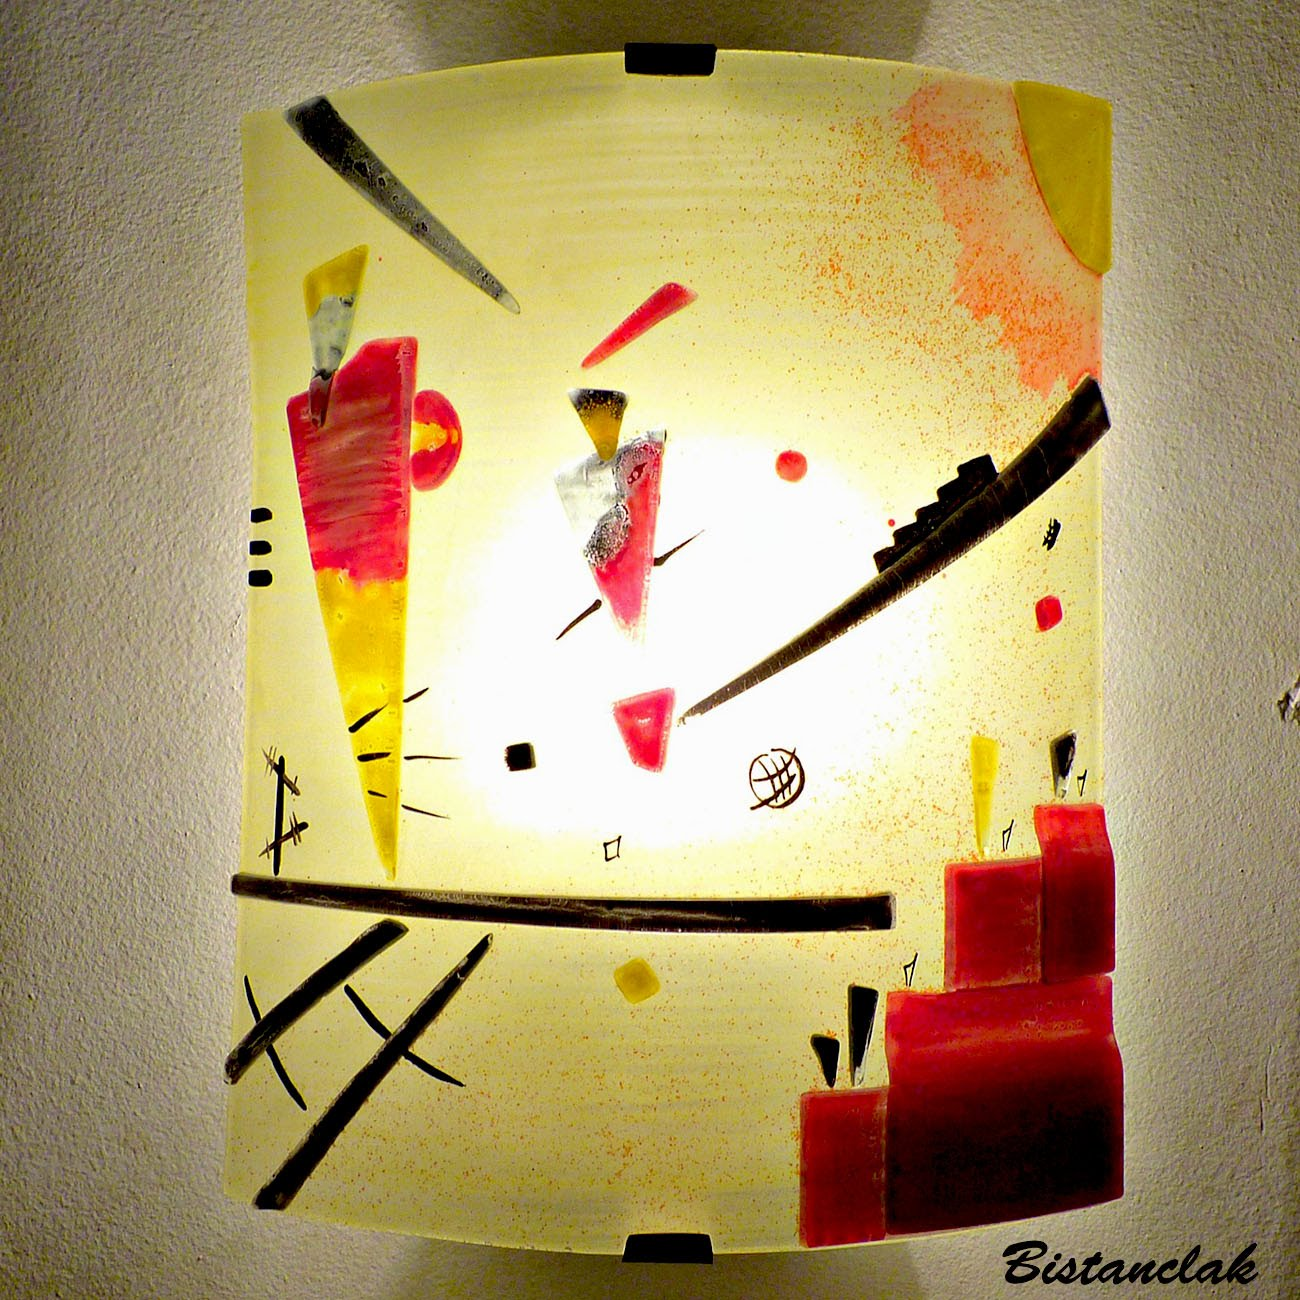 Applique luminaire jaune et rouge motif géométrique inspirée de STructure joyeuse par Kandinsky; fabrication artisanale française